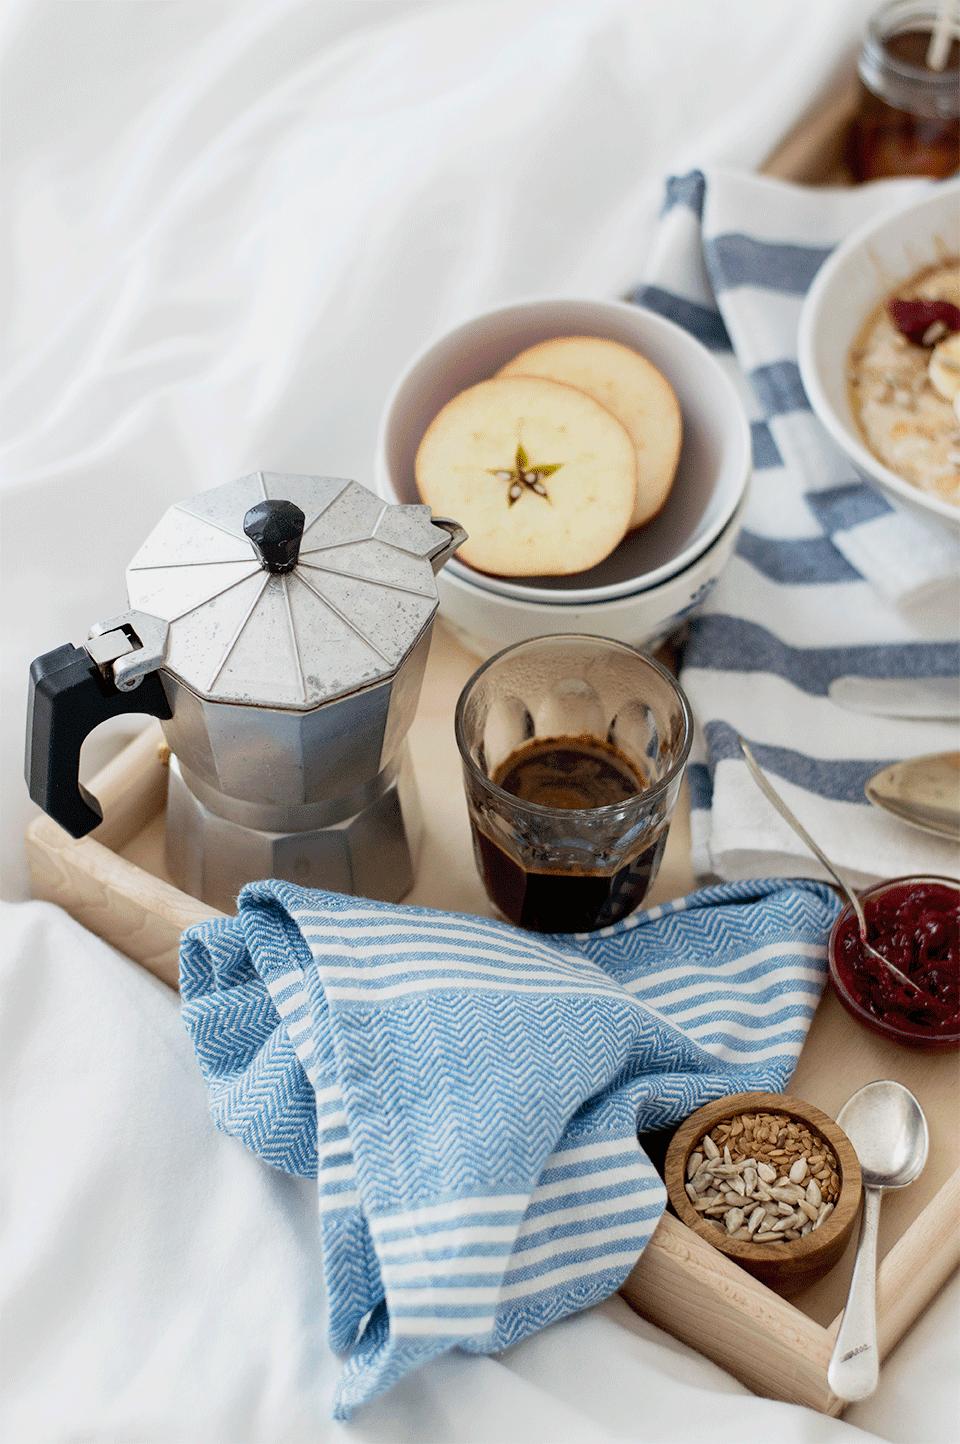 Creamy Porridge w/ Cranberry Compote | https://oandrajos.blogspot.com/